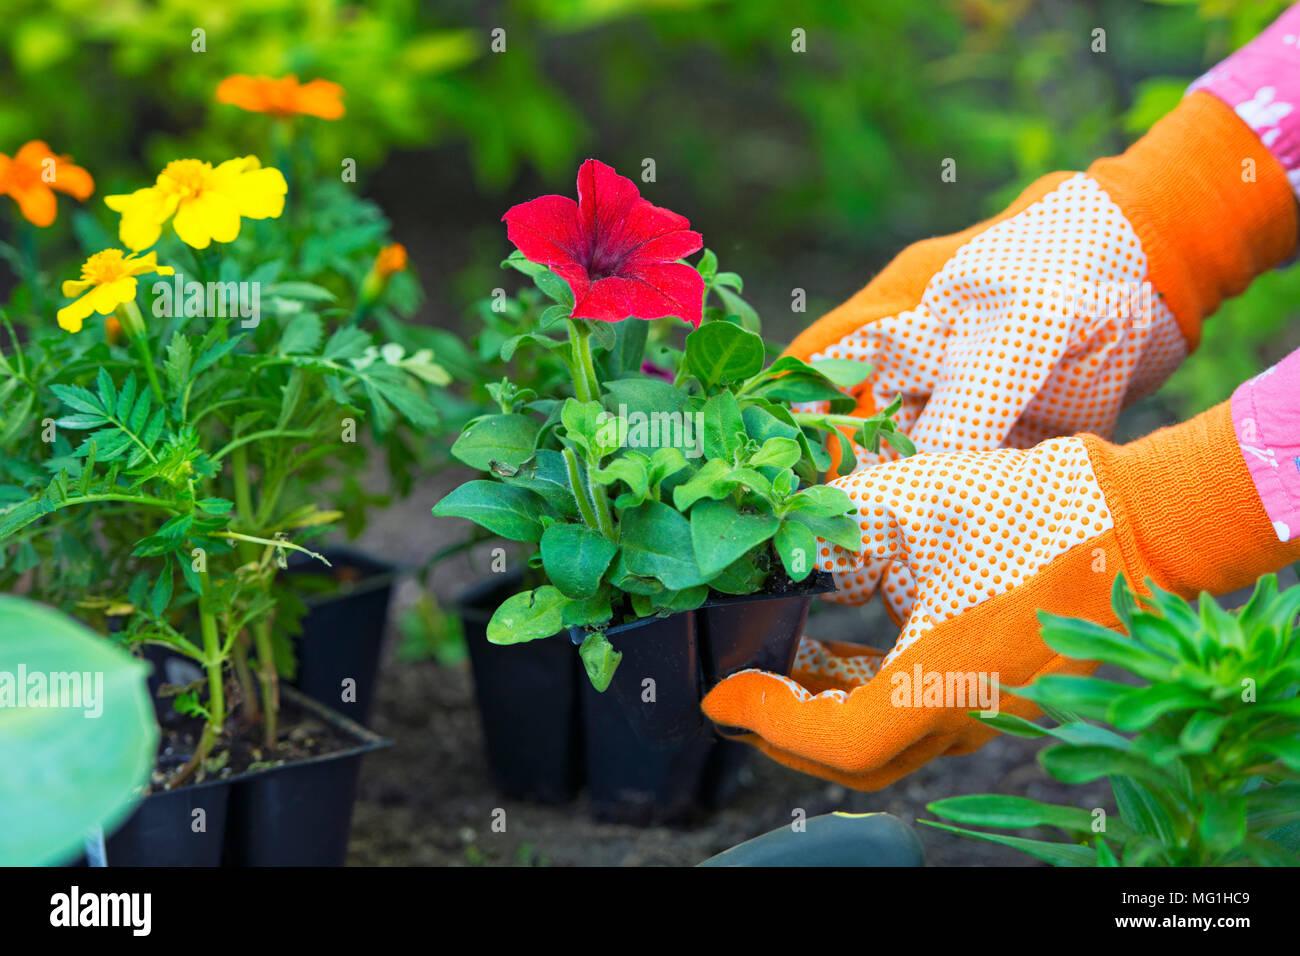 Jardinería, plantación, Flores, Mujer sosteniendo las plantas de flores para plantar en jardín, manos de mujer en guantes de jardinería Foto de stock